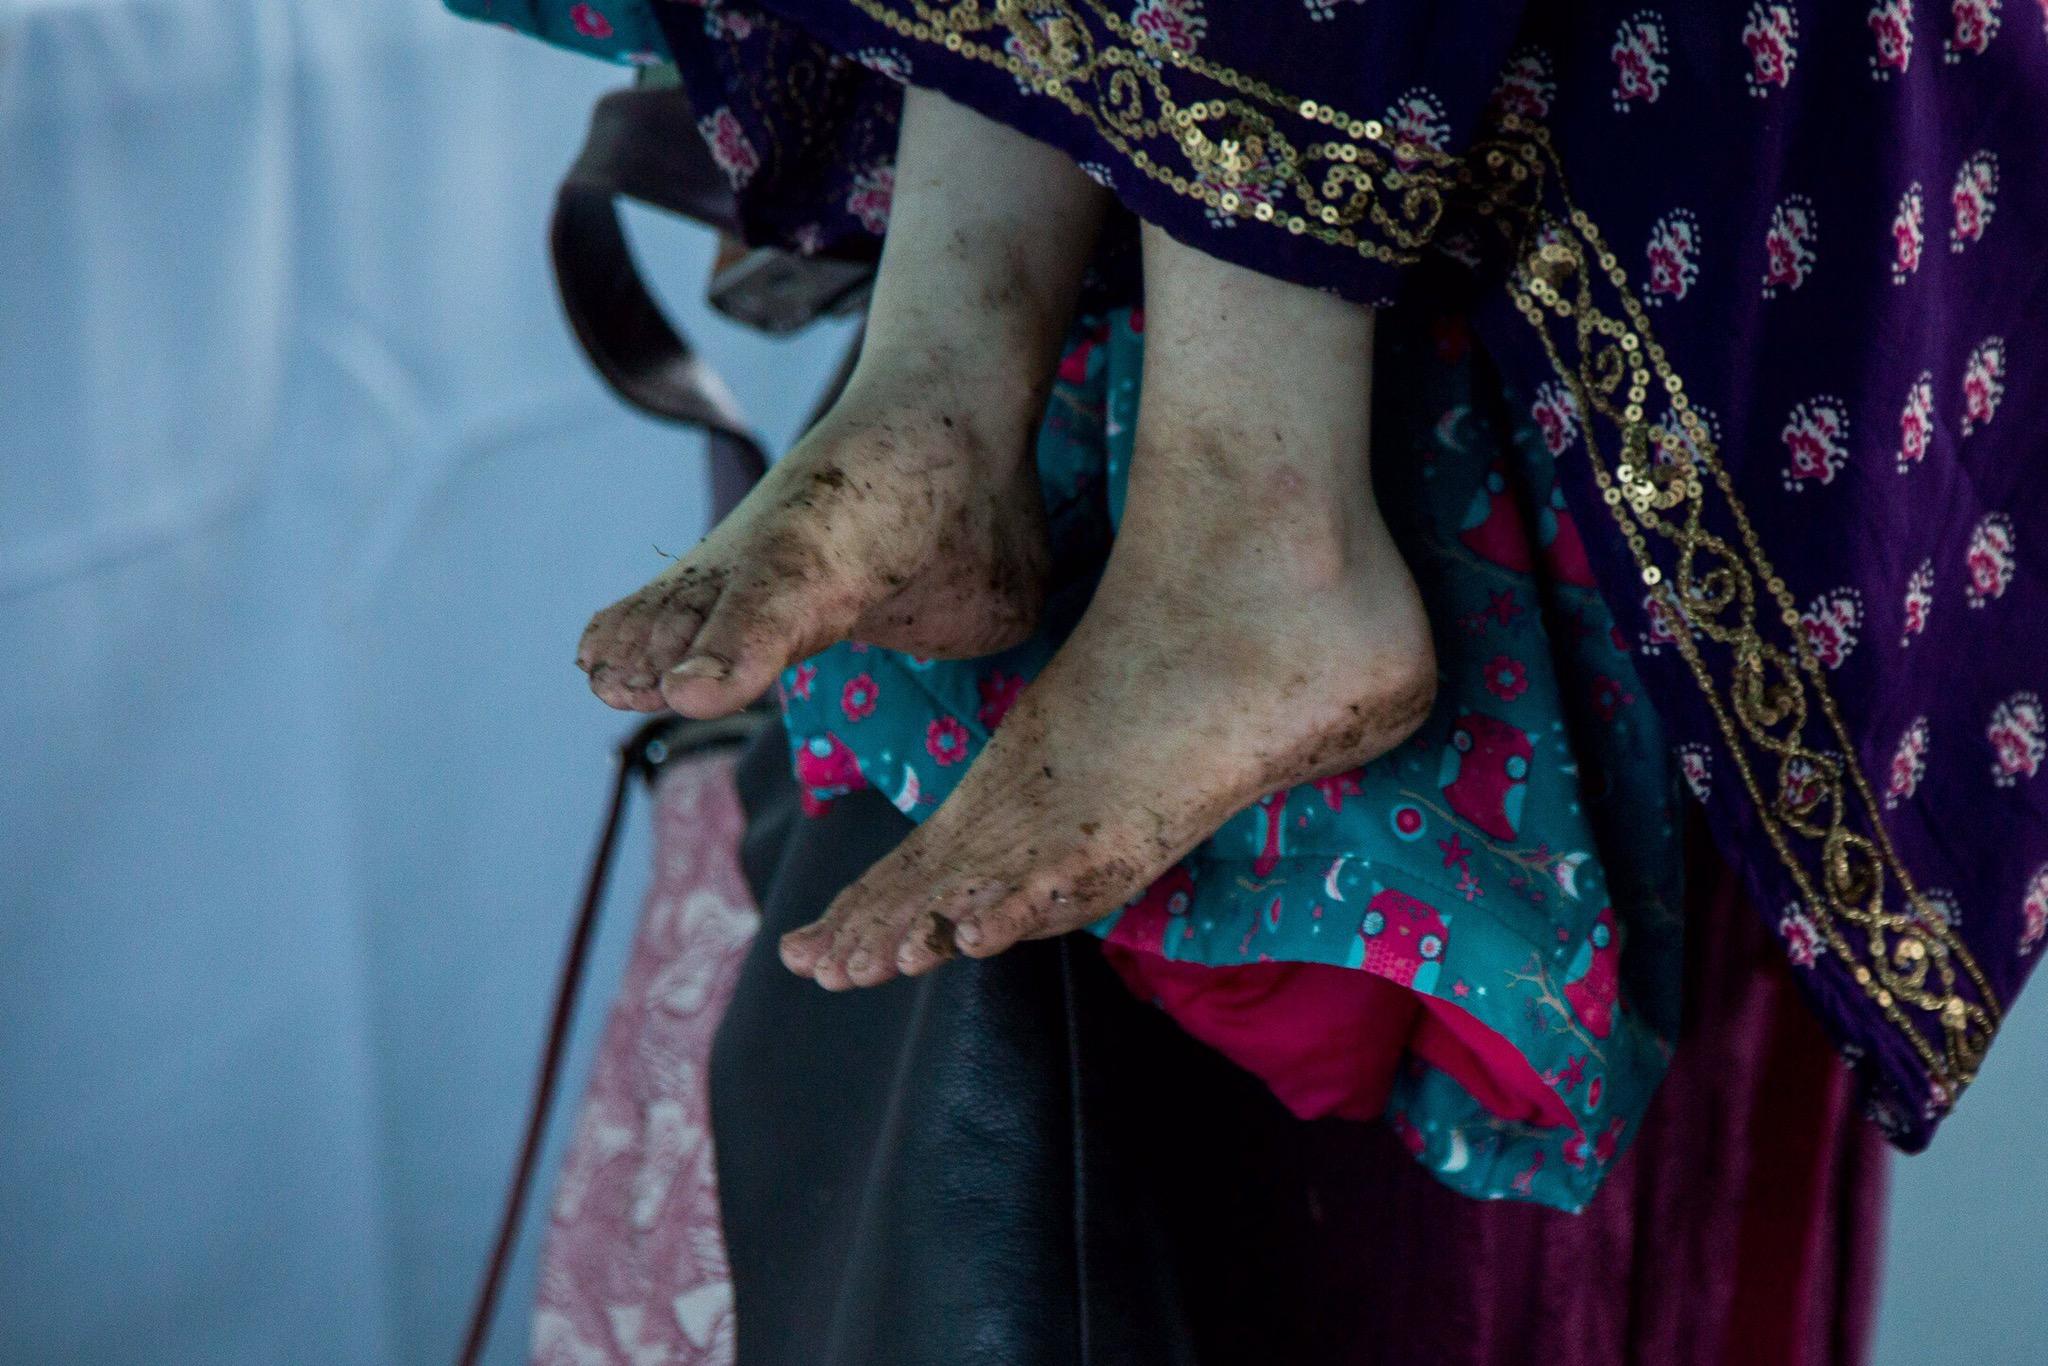 My daughter's muddy feet